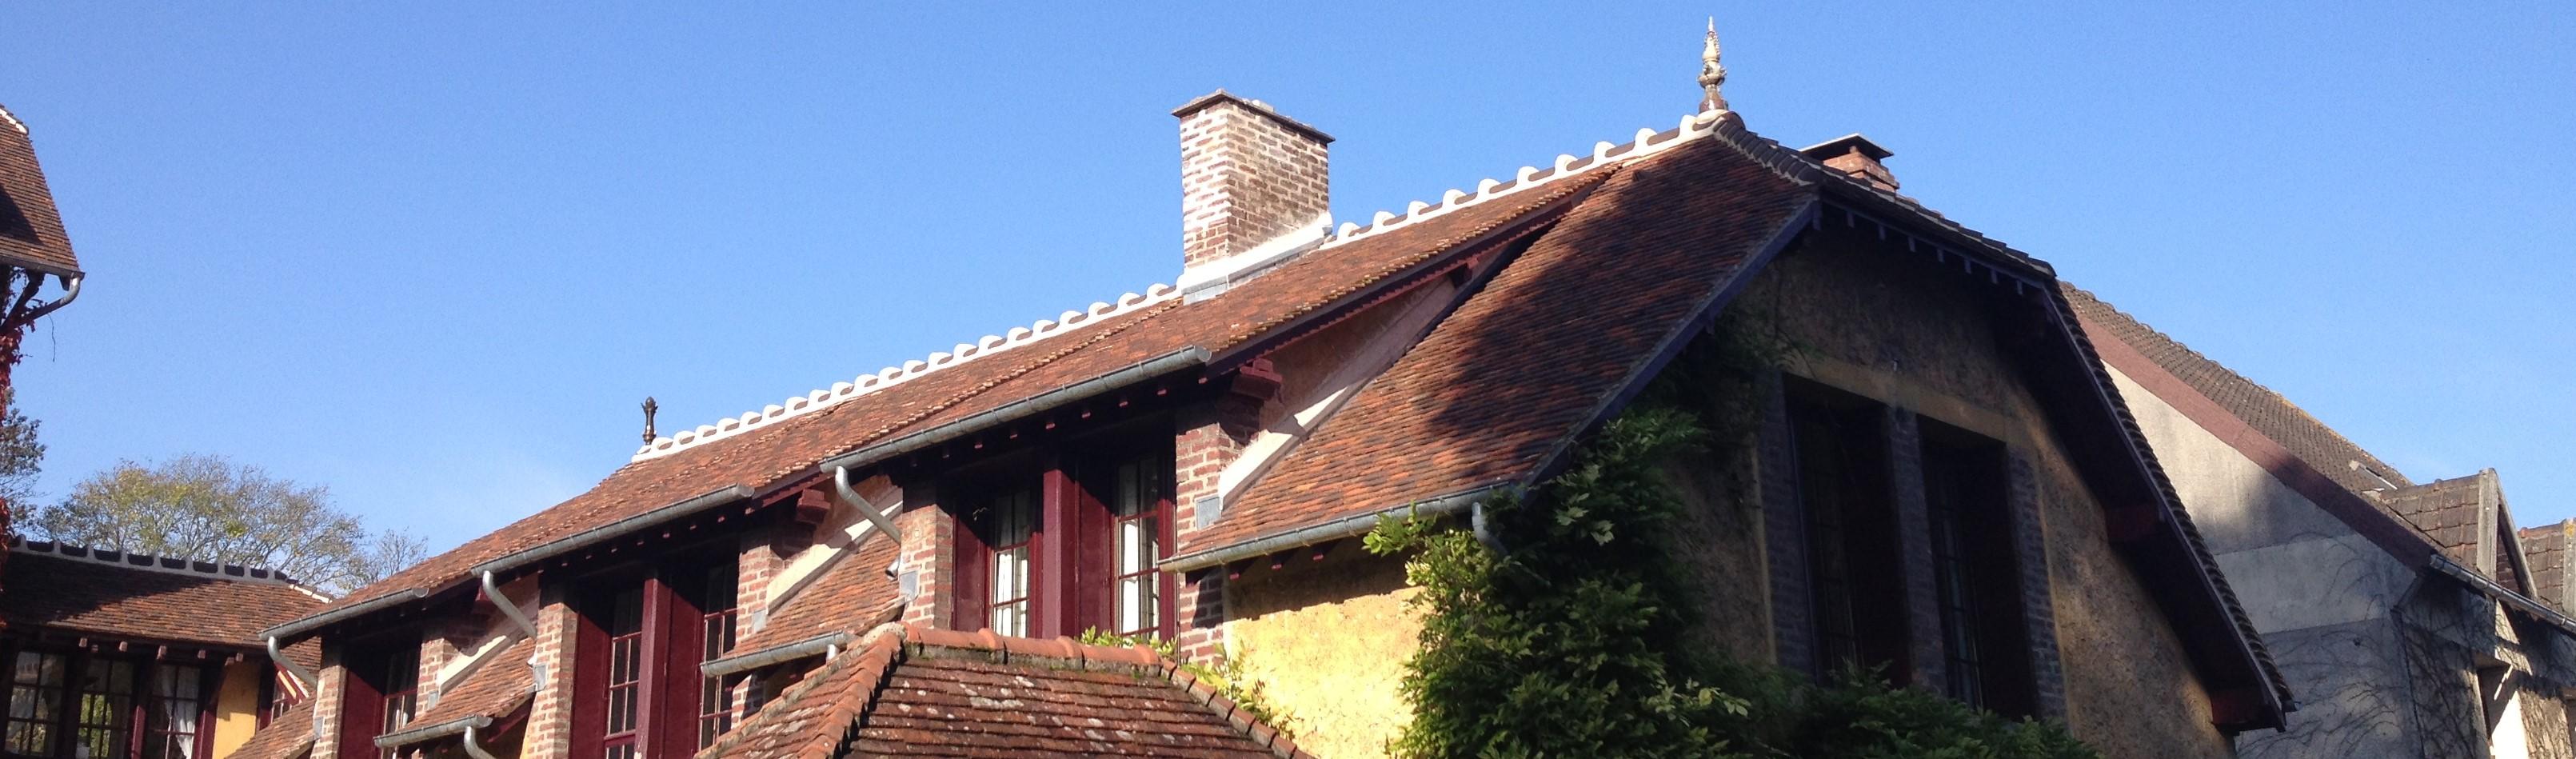 AC Couverture | - Travaux de toiture et renovations